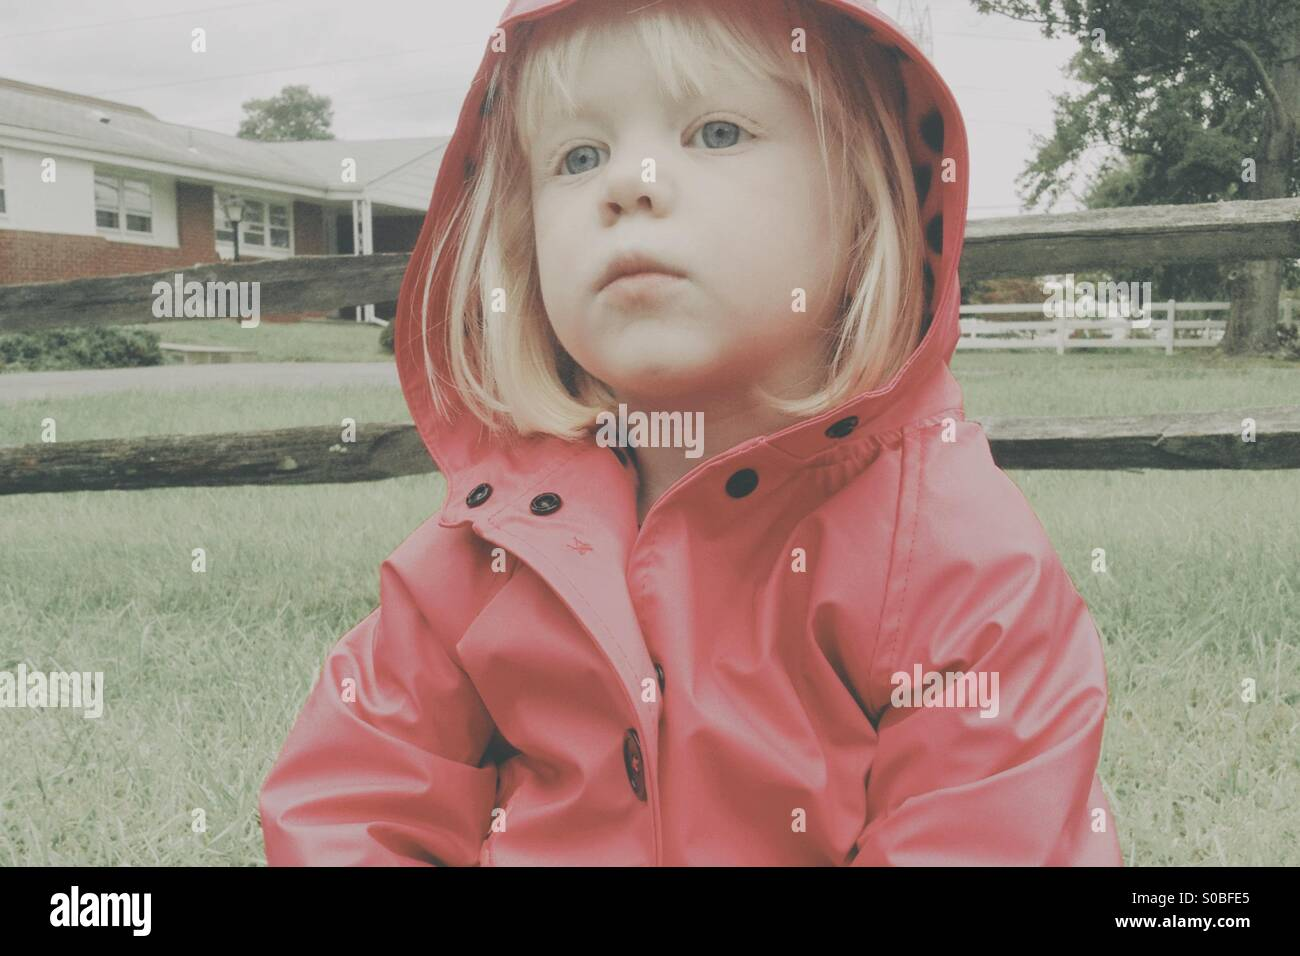 Jeune fille blonde portant un manteau de pluie rose assis sur le sol. Photo Stock